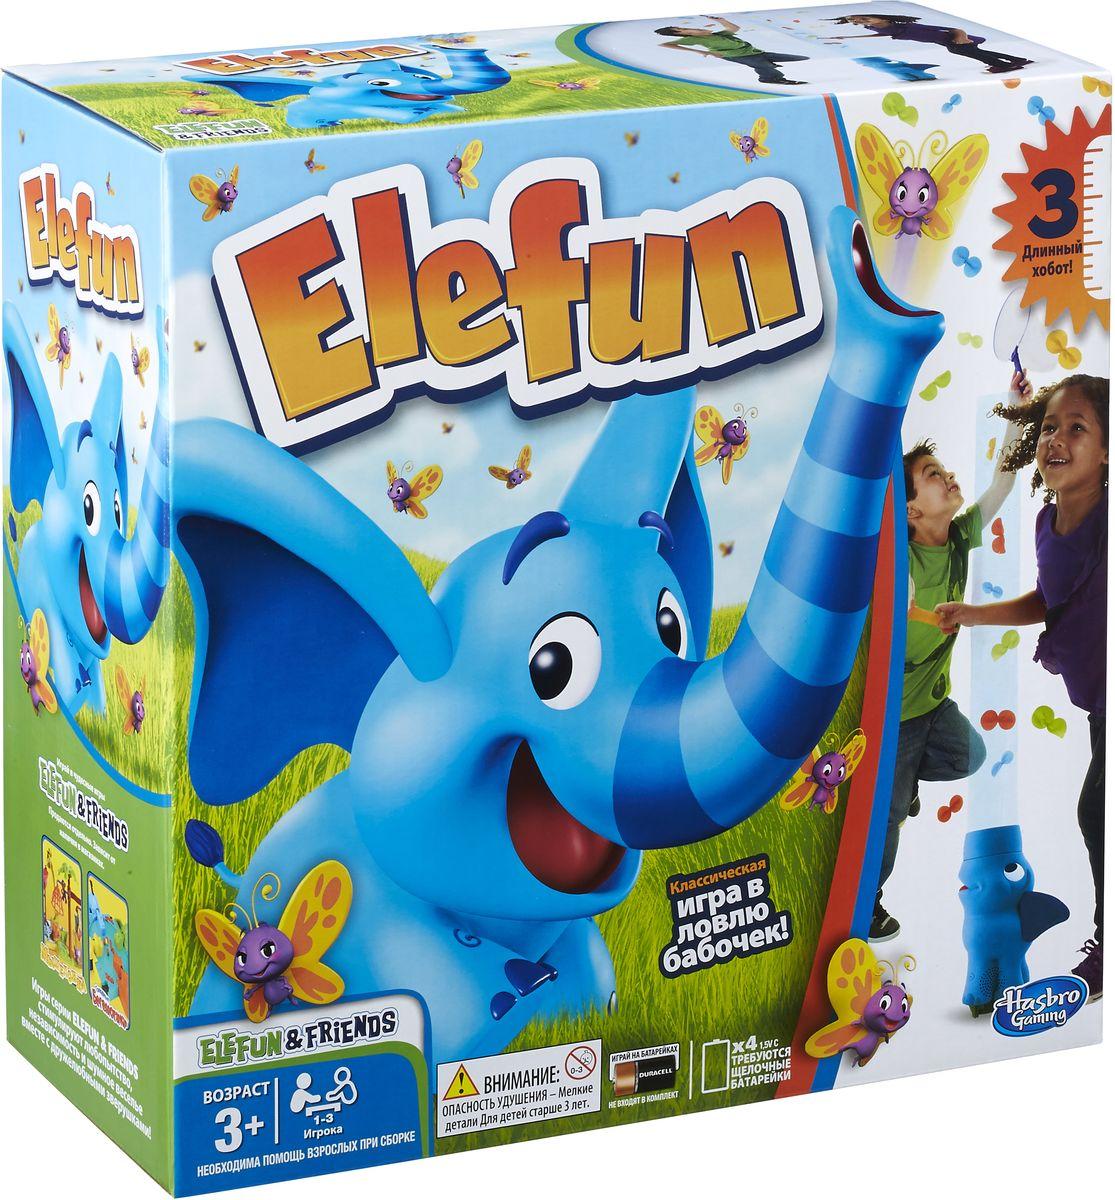 цена Hasbro Games Настольная игра Слоник Элефан в интернет-магазинах